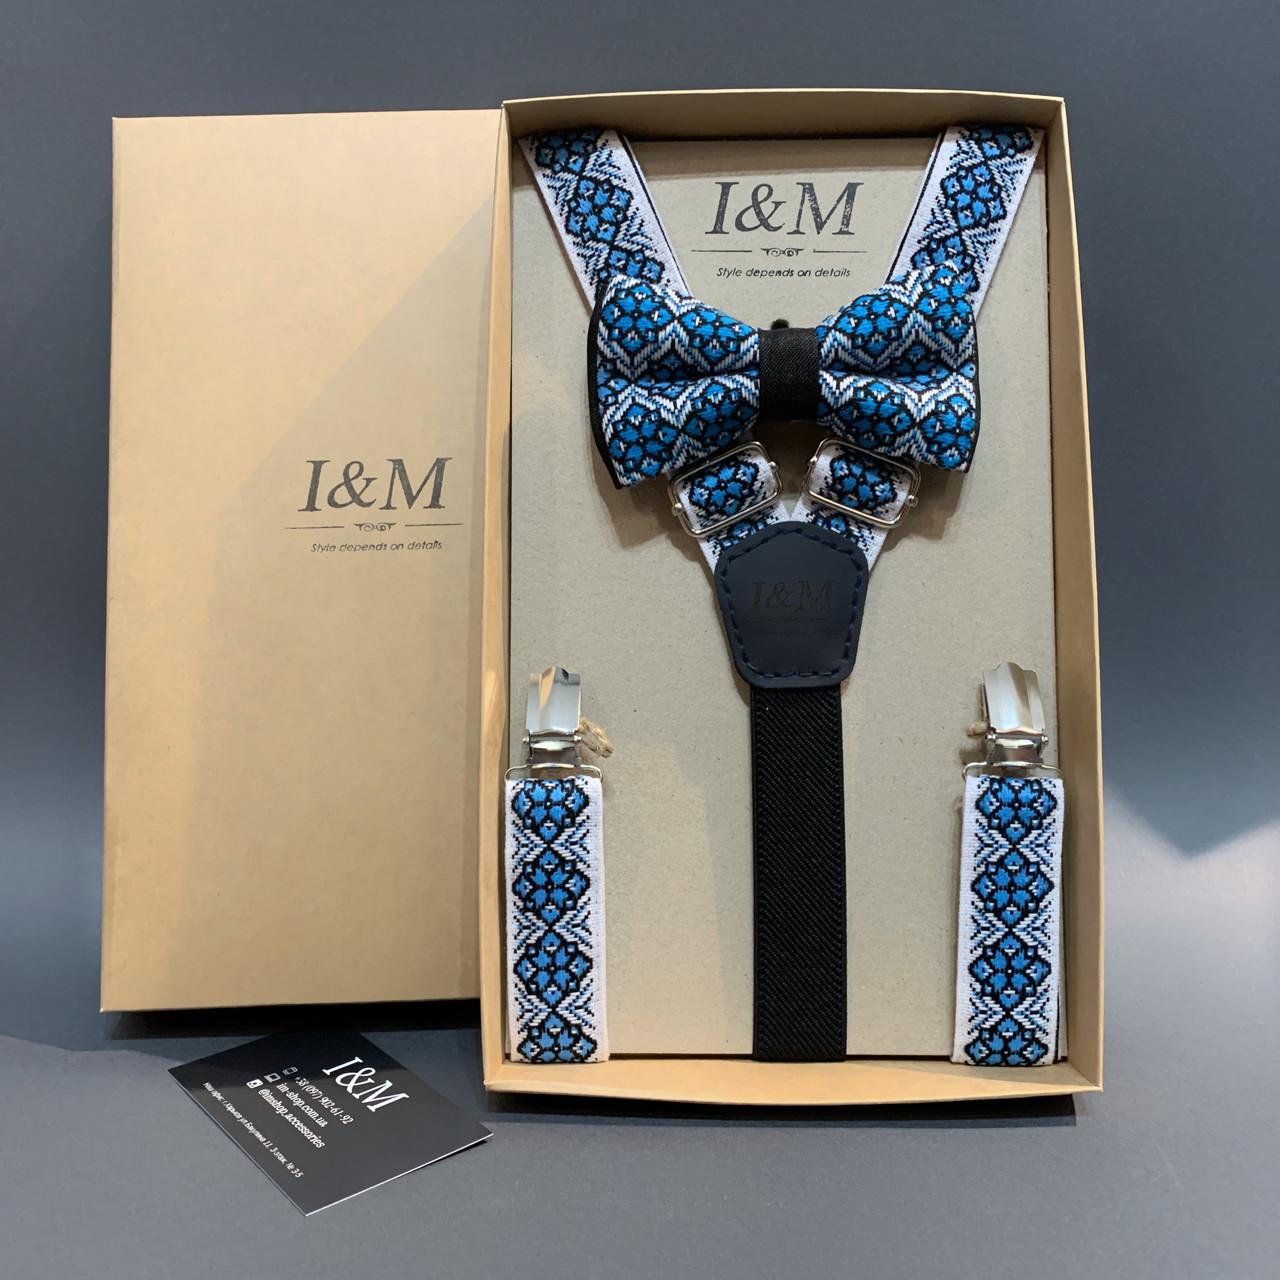 Набор I&M Craft галстук-бабочка и подтяжки для брюк в украинском стиле вышиванка (030303)